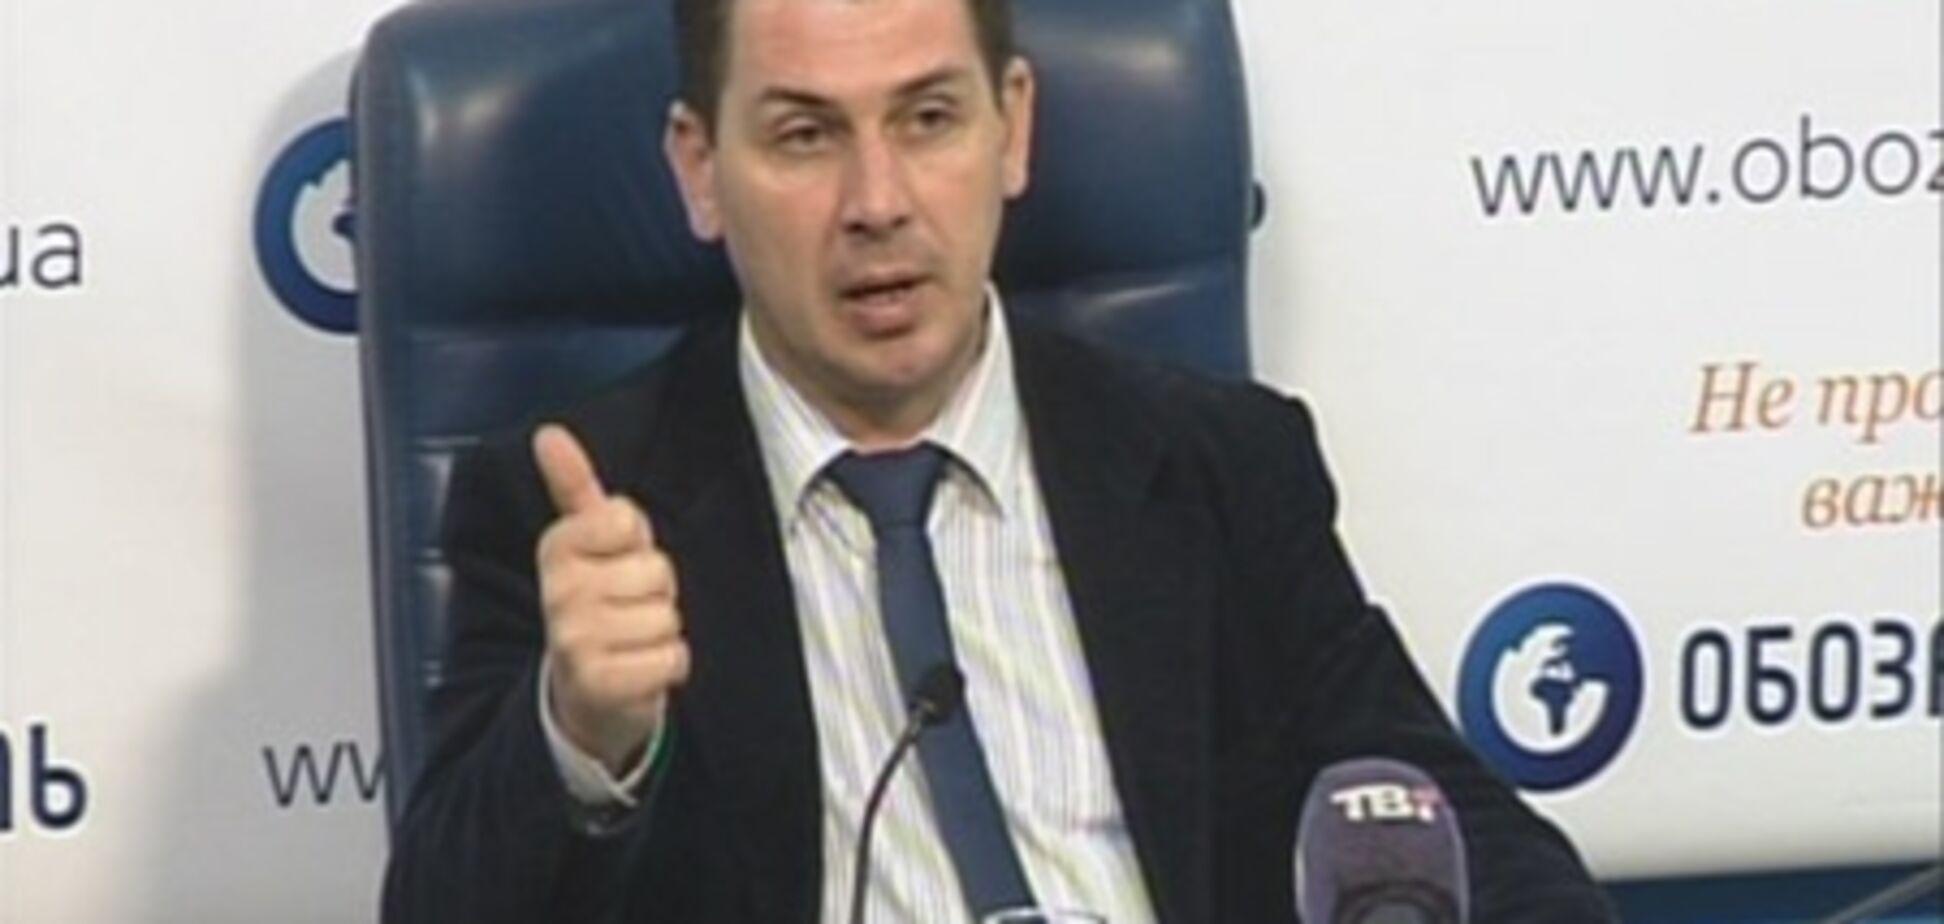 Венеціанська комісія рекомендує знизити захист бюлетенів - КВУ